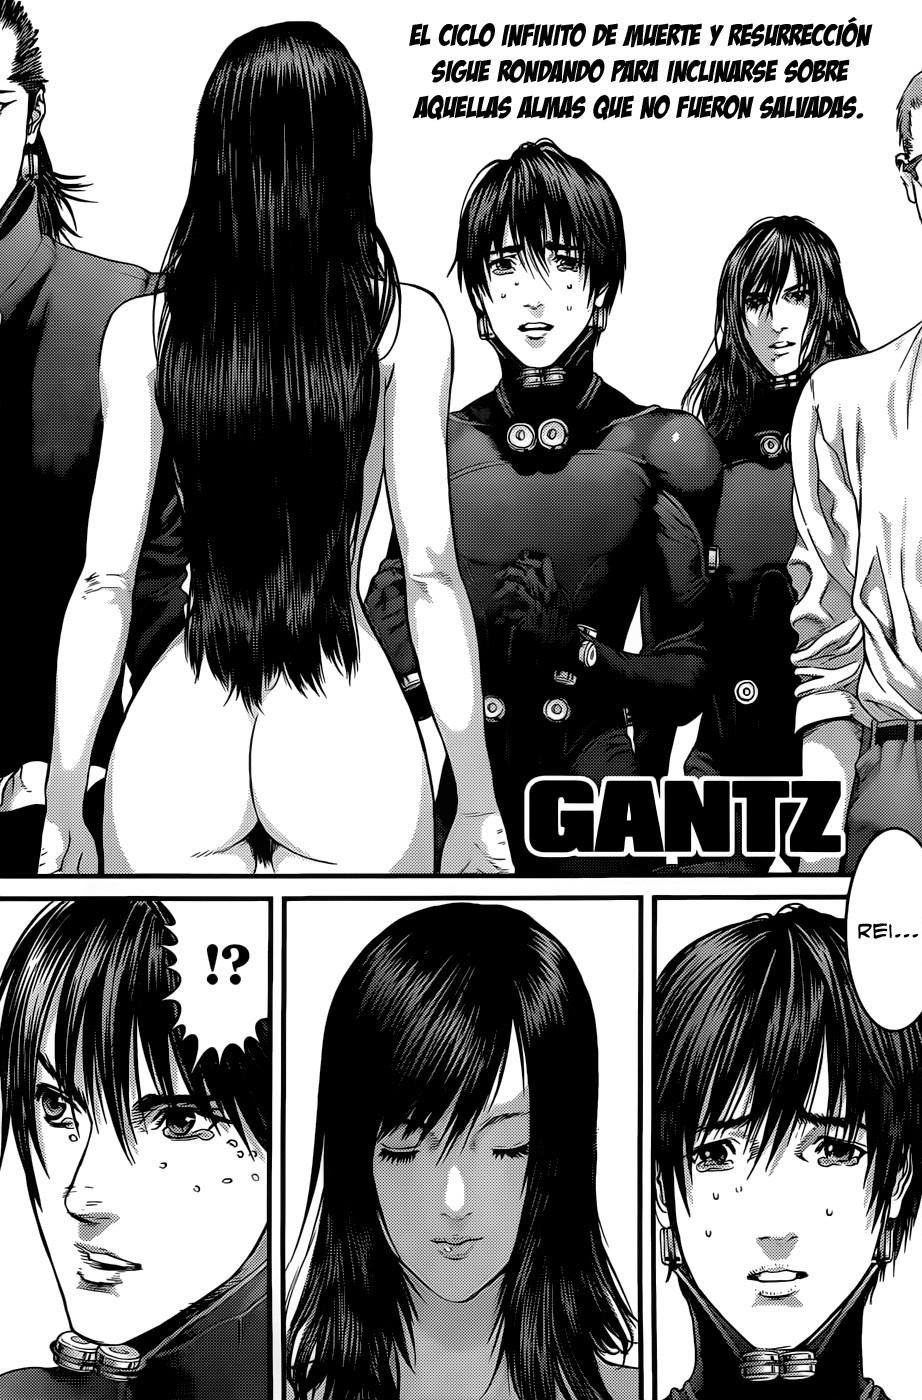 MANGA GANTZ CAPITULO 371 Gantz_c0371_-_p01_Utopia